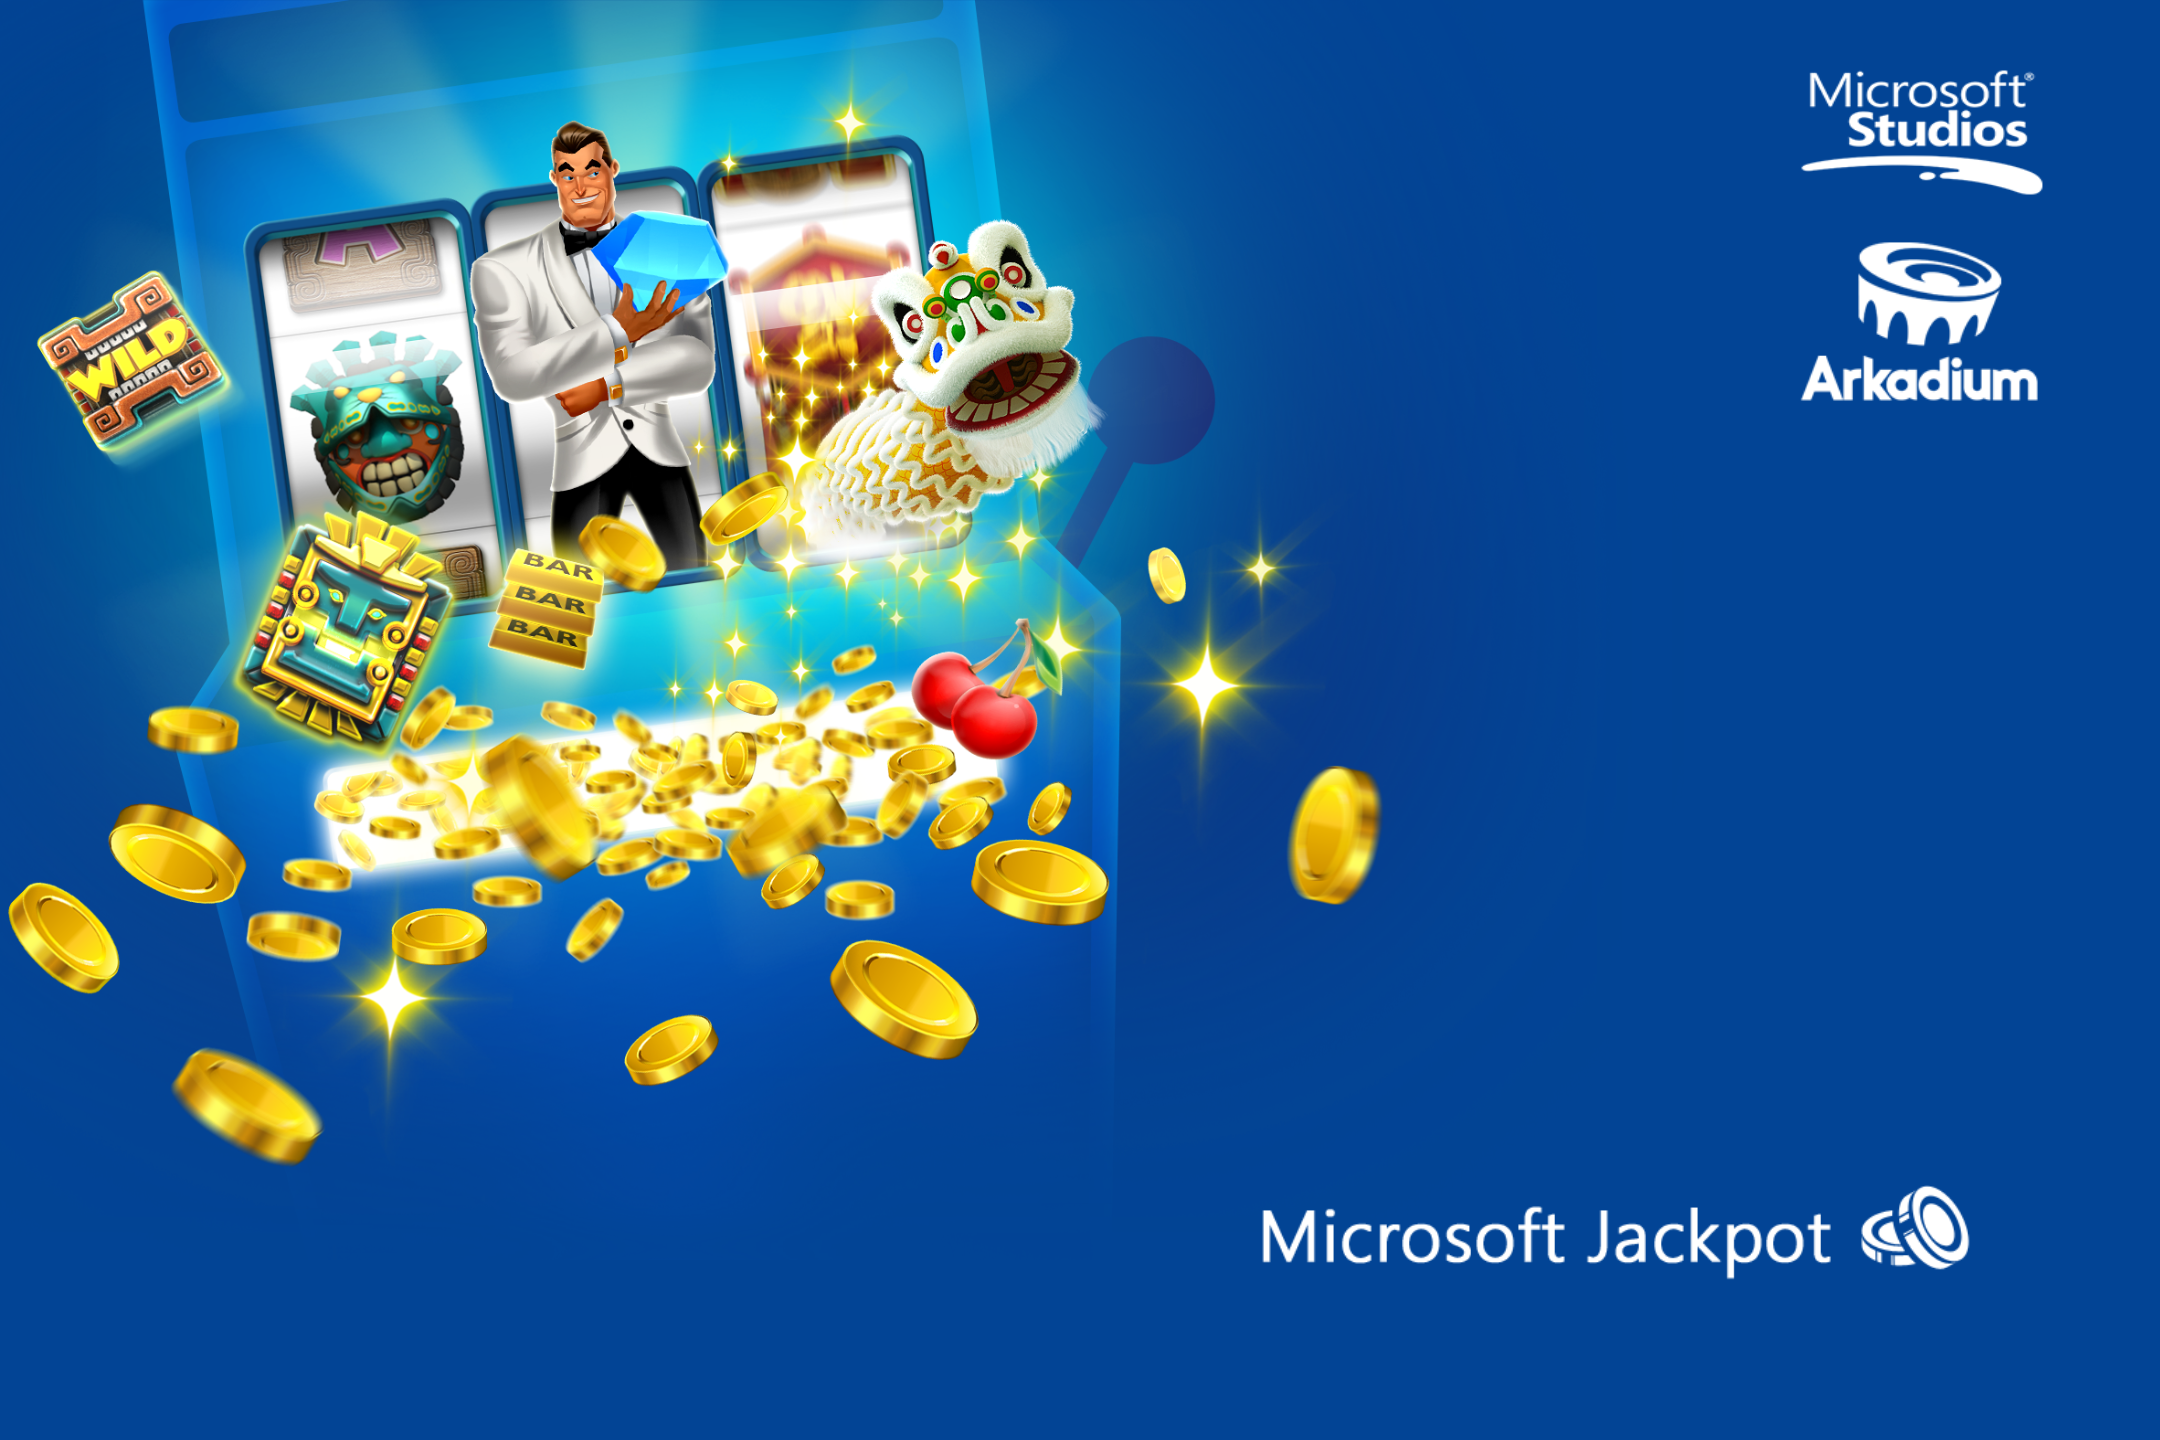 Microsoft Jackpot